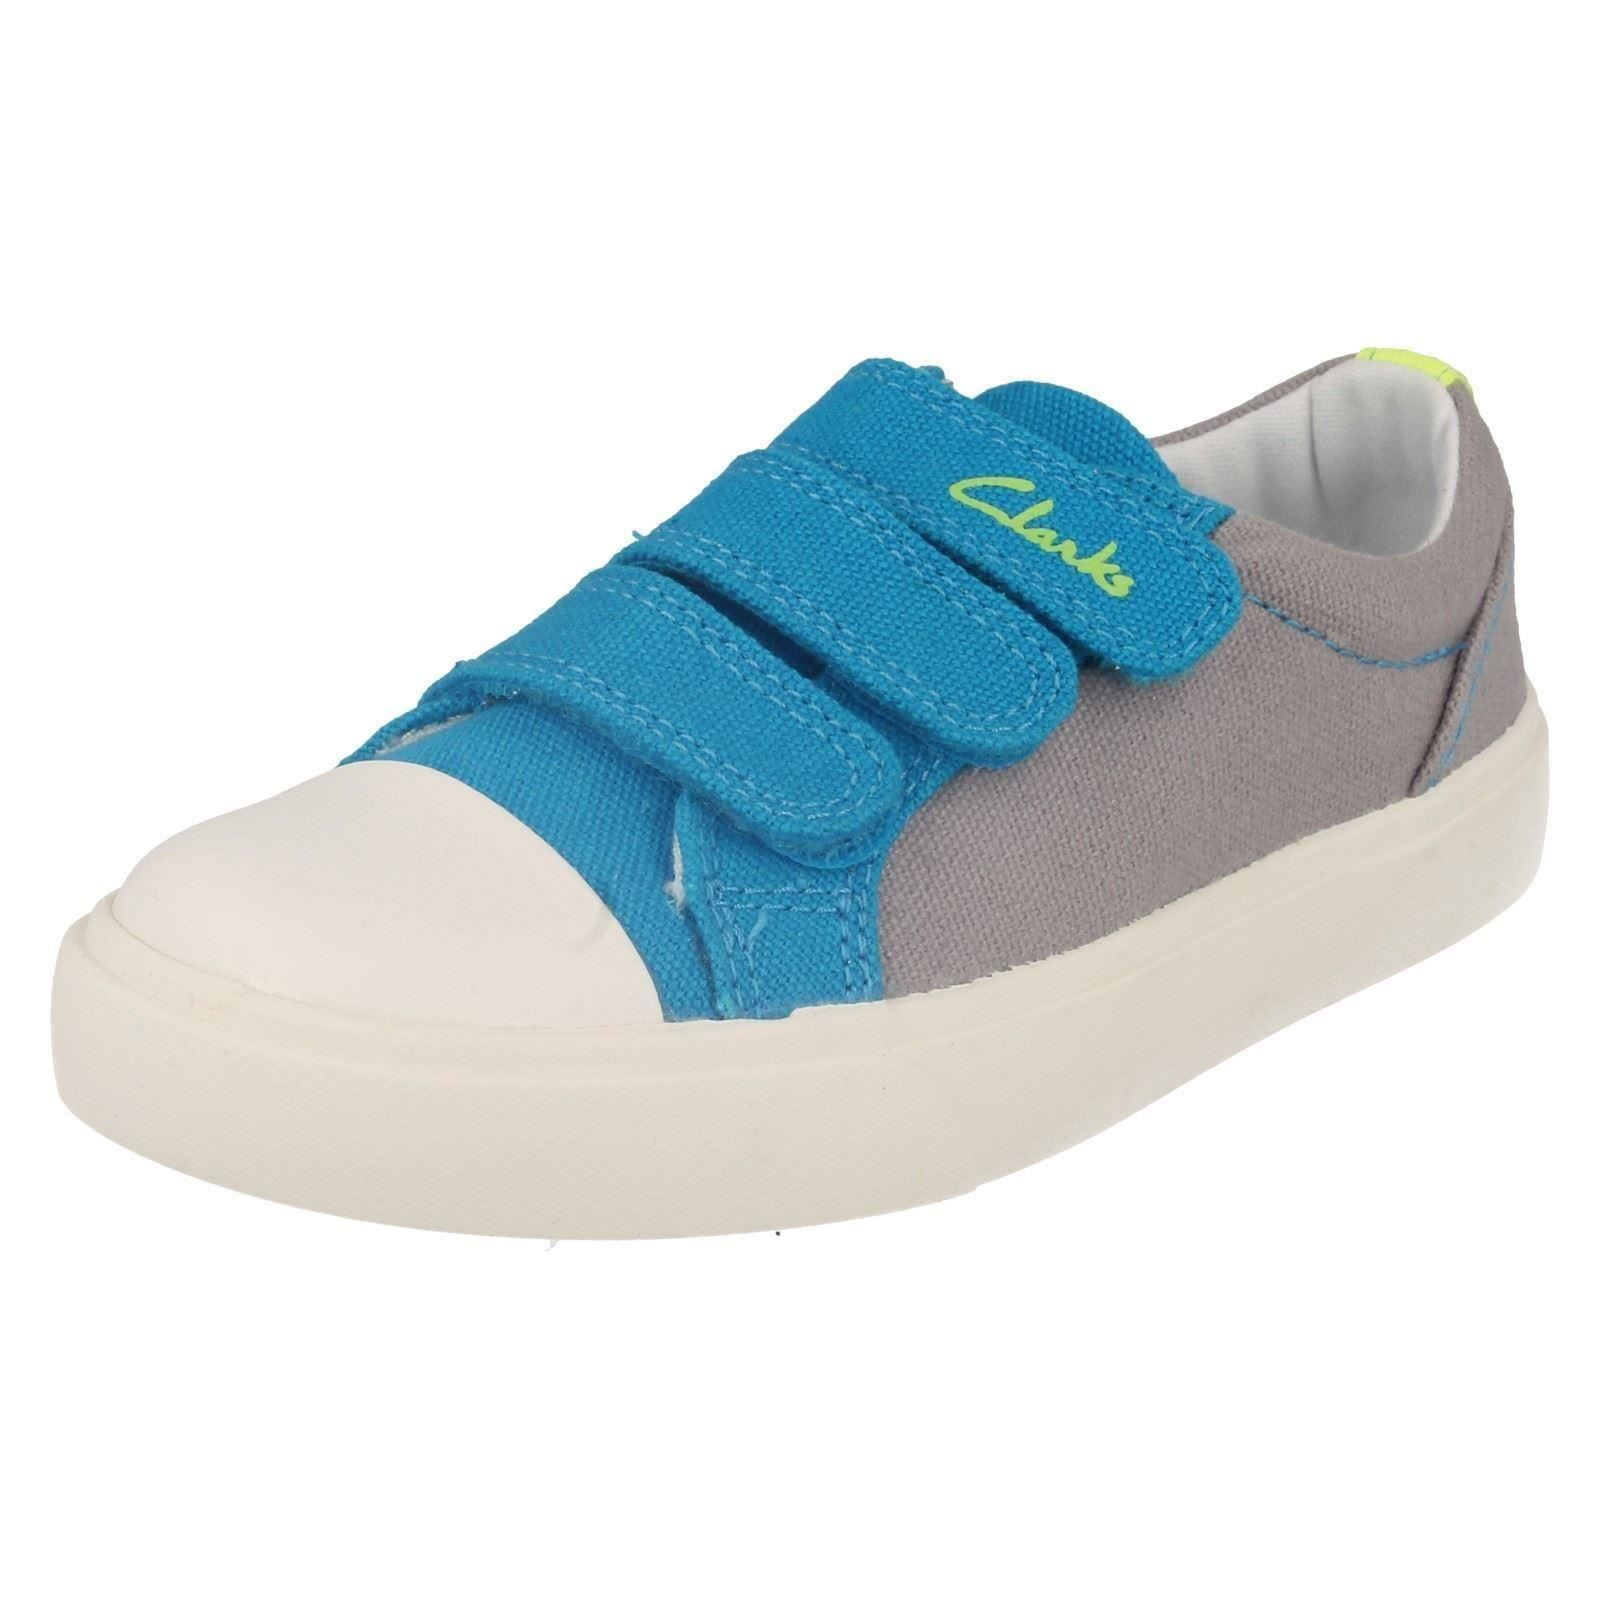 Boys Clarks Sasonal Canvas Summer Shoes The Style - Club Halcy